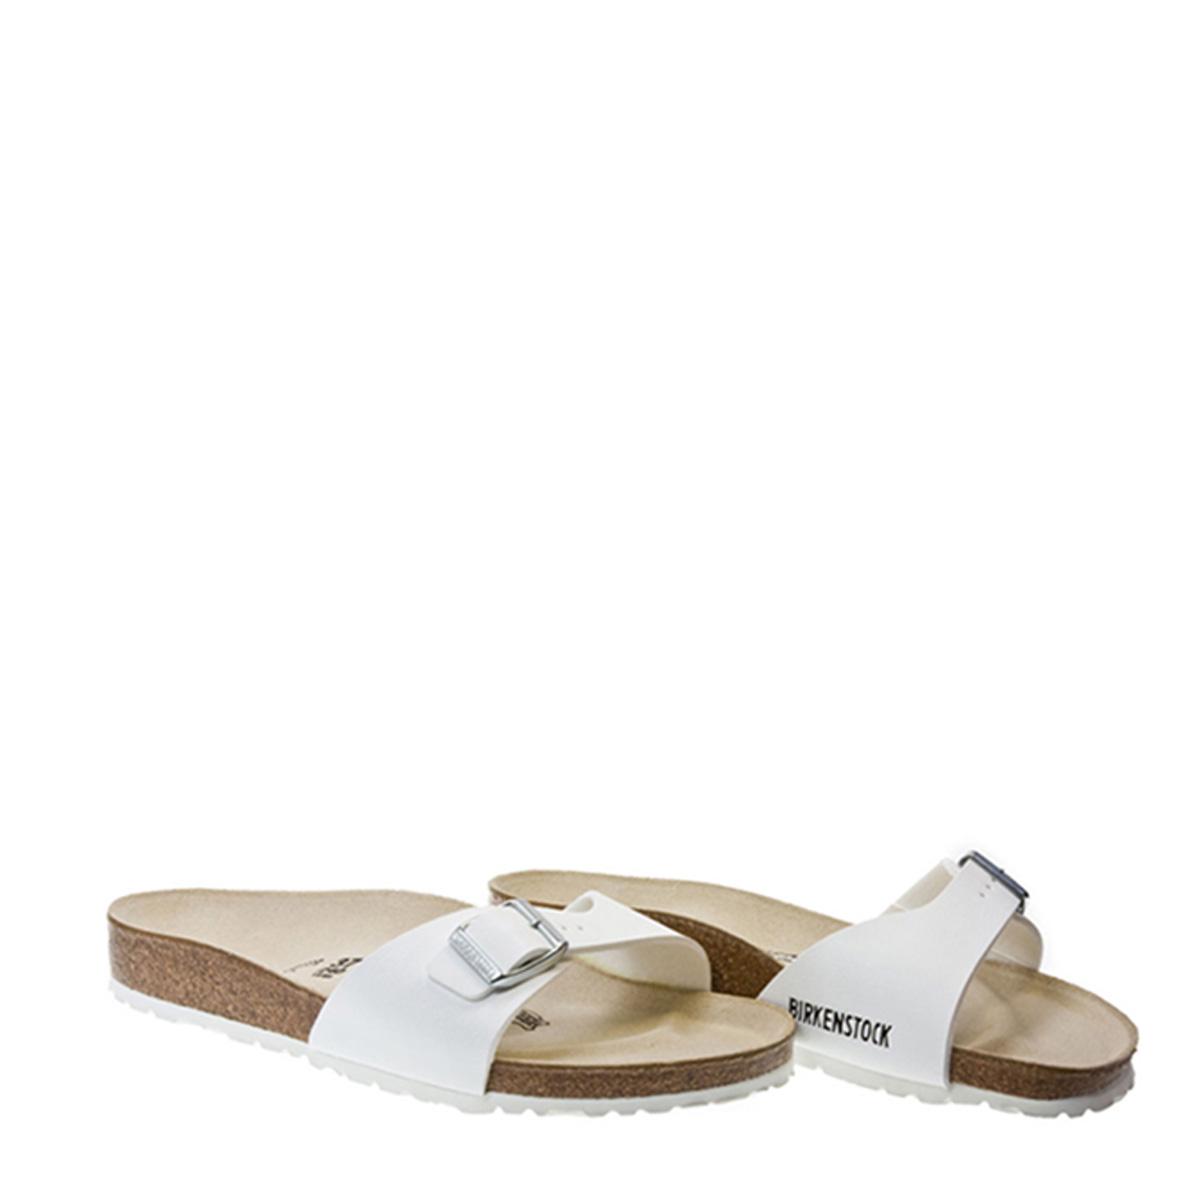 39c1e216925fc1 Details about Birkenstock Womens Madrid White Birko Flor Sandals Slip On  Flat Summer Shoes